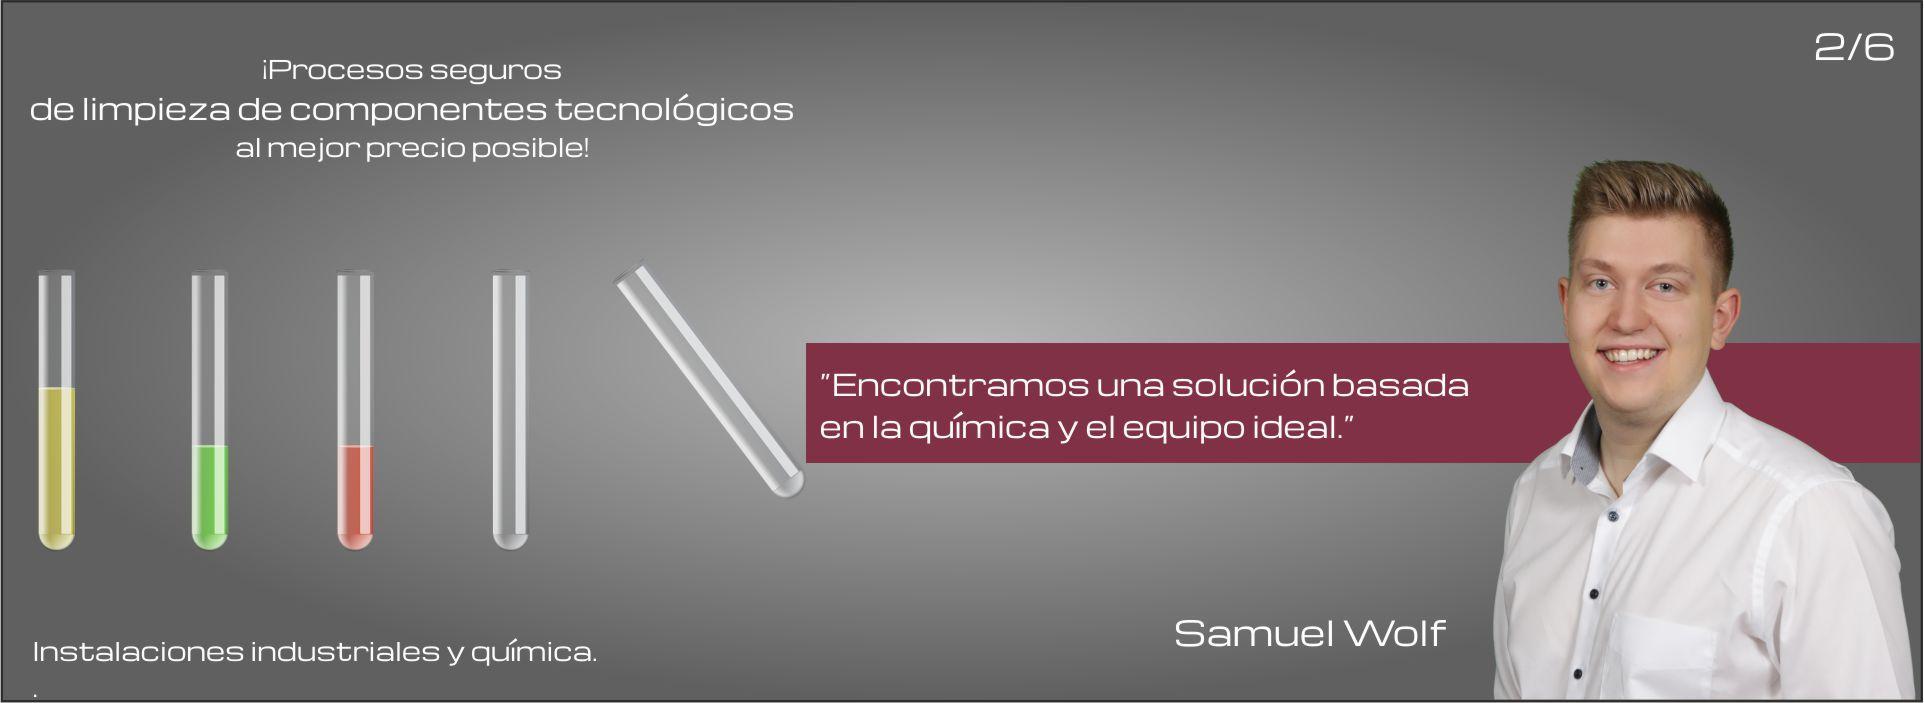 SamuelWolf HeaderbildES